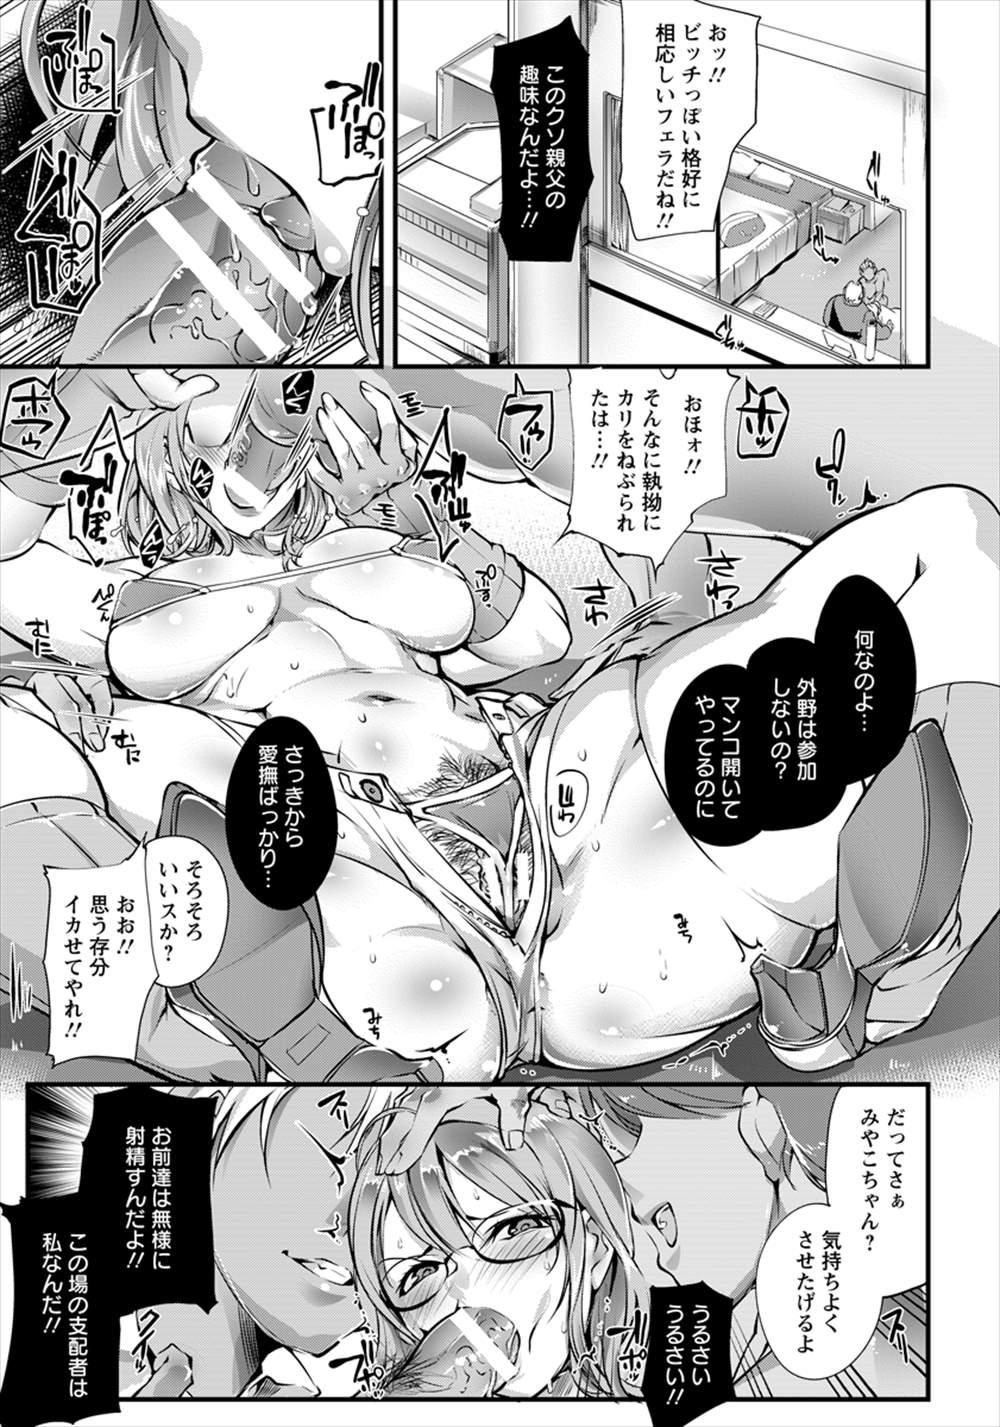 【エロ漫画】借金まみれの勝ち気な風俗嬢が変態オヤジに輪姦乱交調教レイプされてアヘ顔にww